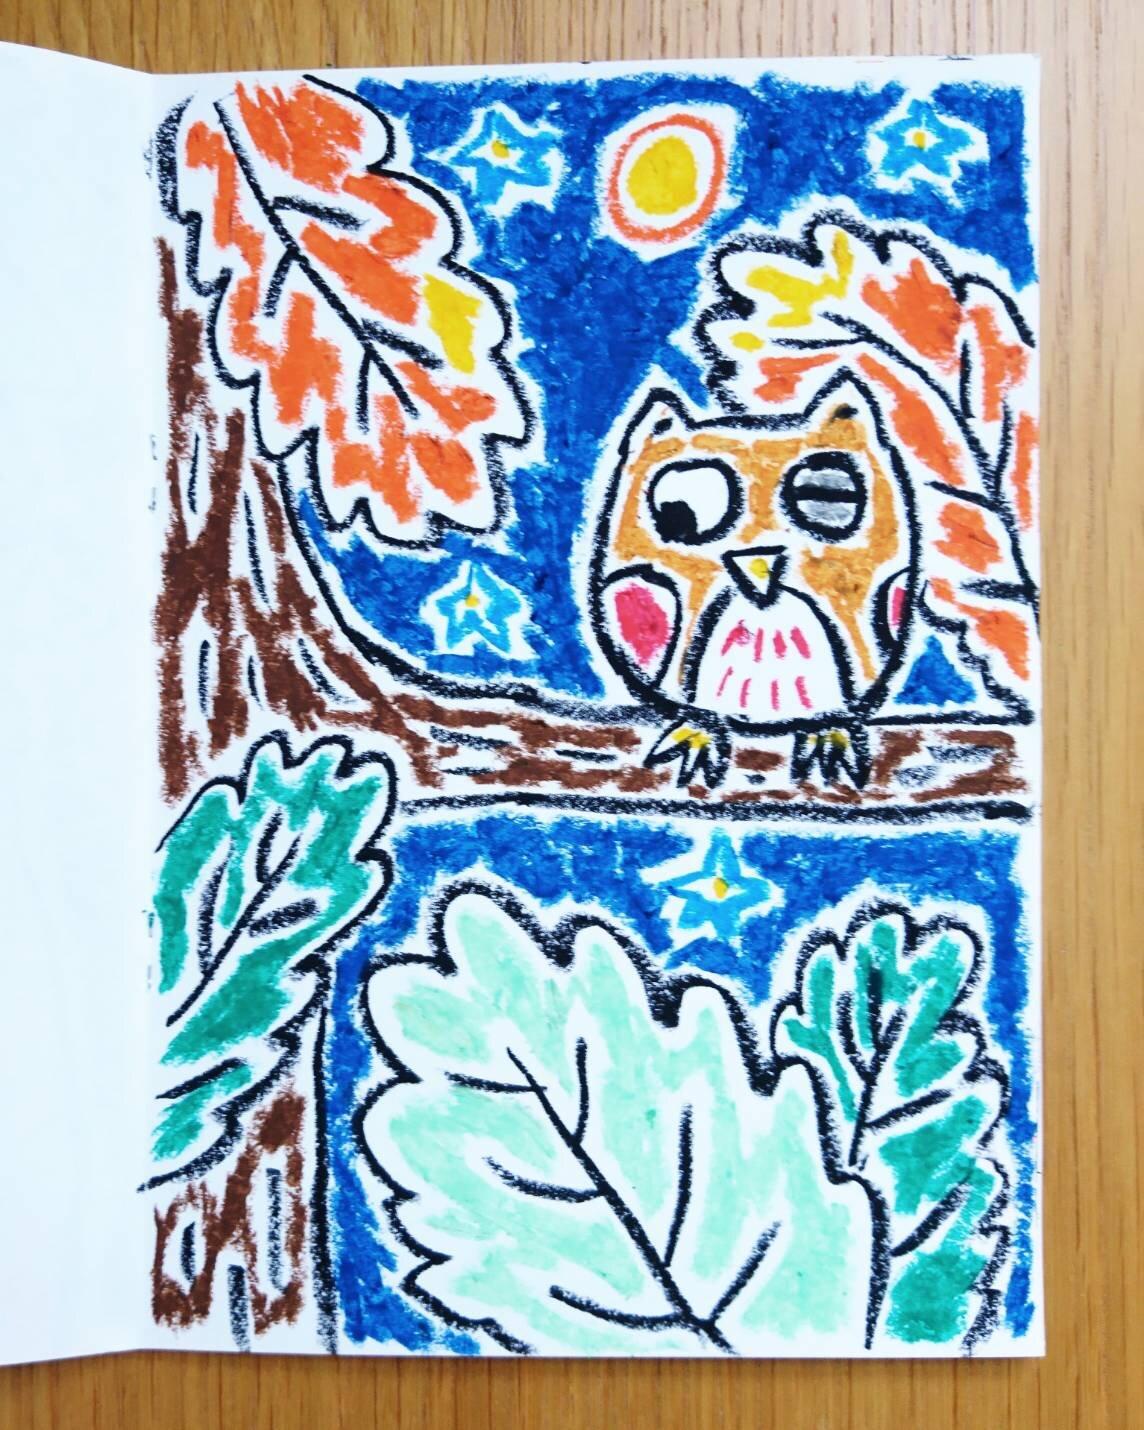 An owl in the tree saw the polar bear.